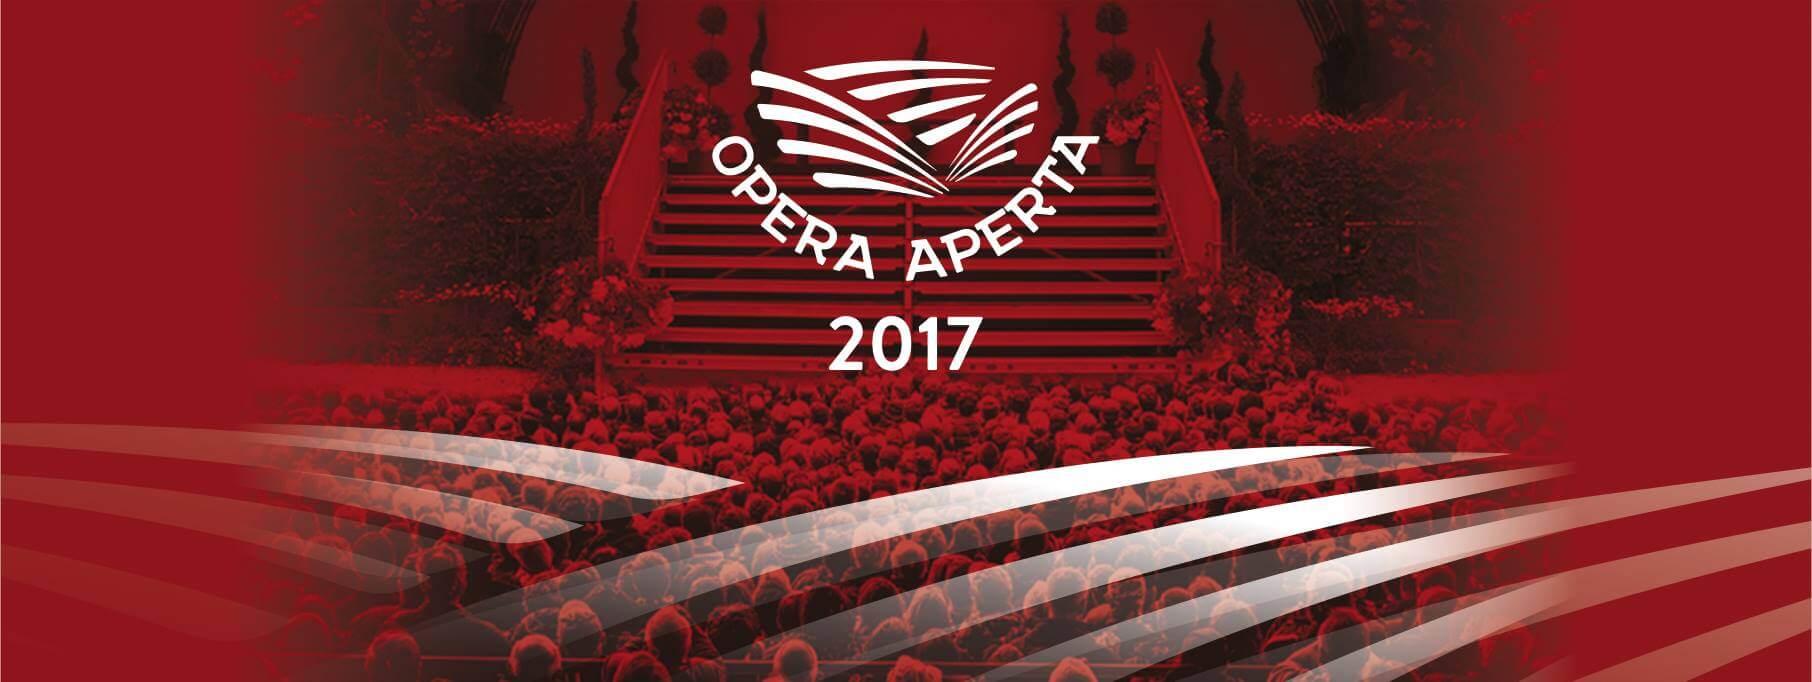 OPERA APERTA: Magia lirică revine în aer liber! Două spectacole extraordinare vor fascina Piața Unirii,  în încheierea Stagiunii 2016 – 2017